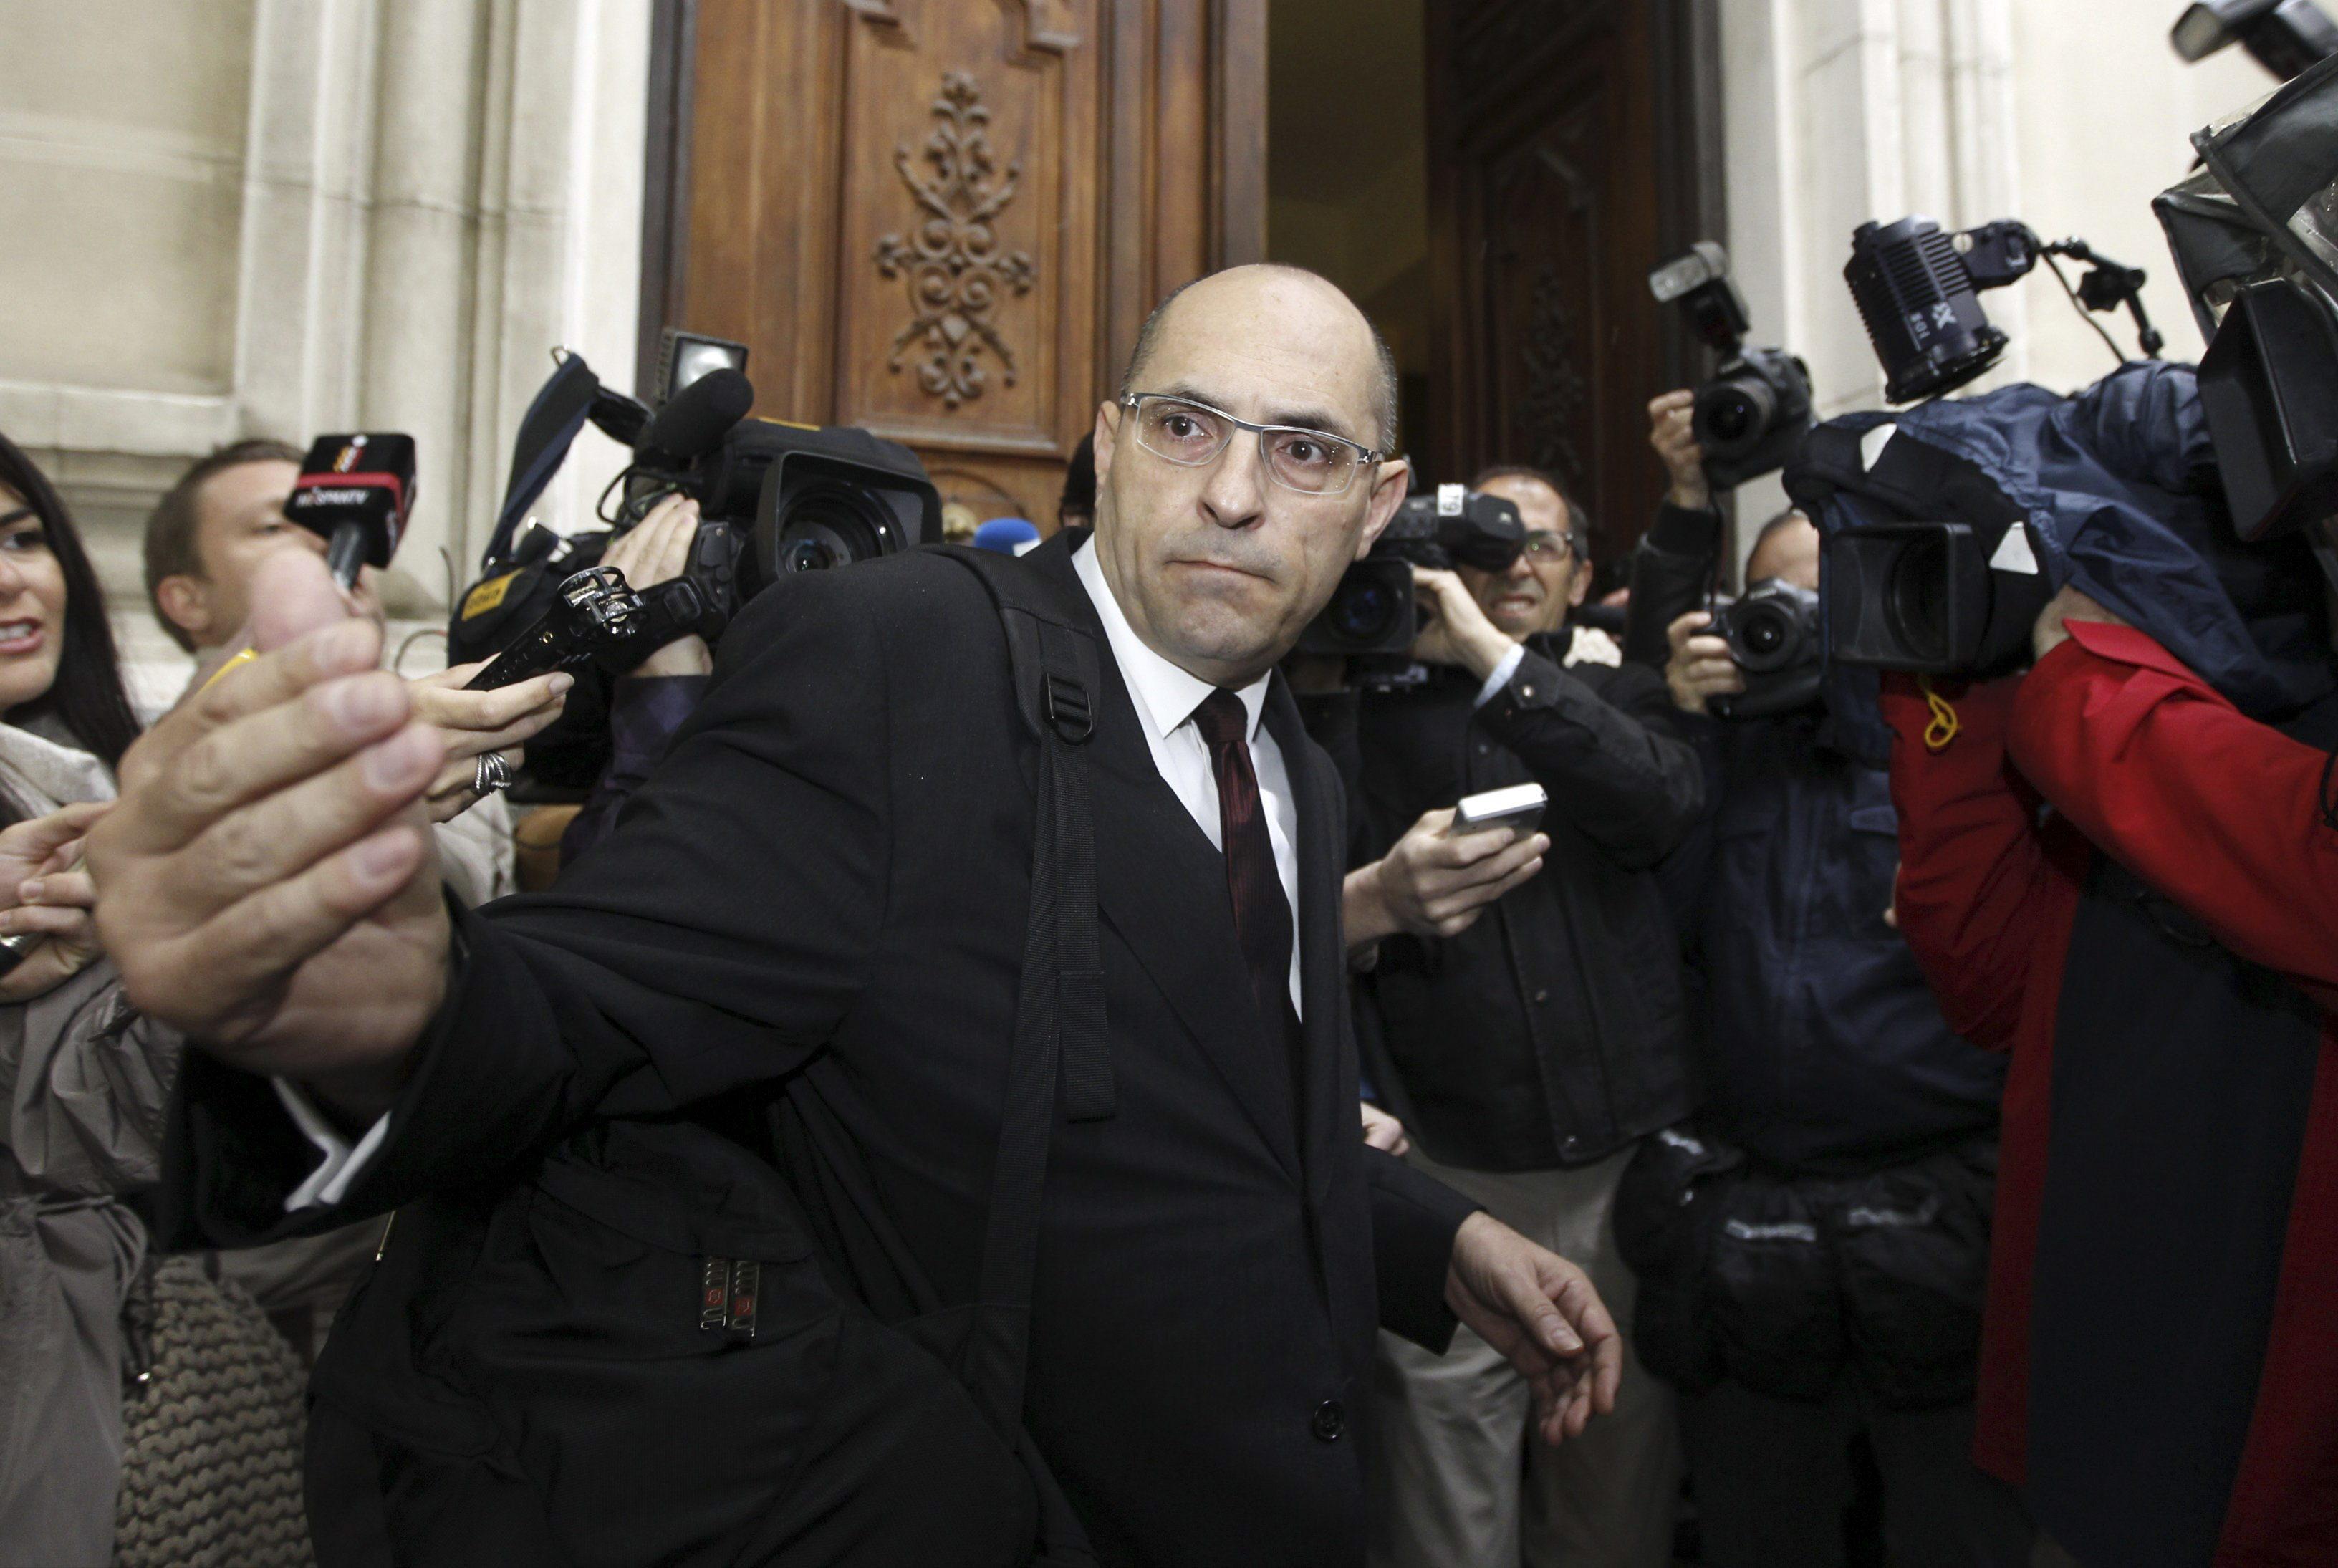 El juez Silva trata de retrasar el inicio de su juicio con la renuncia de su abogado a defenderle